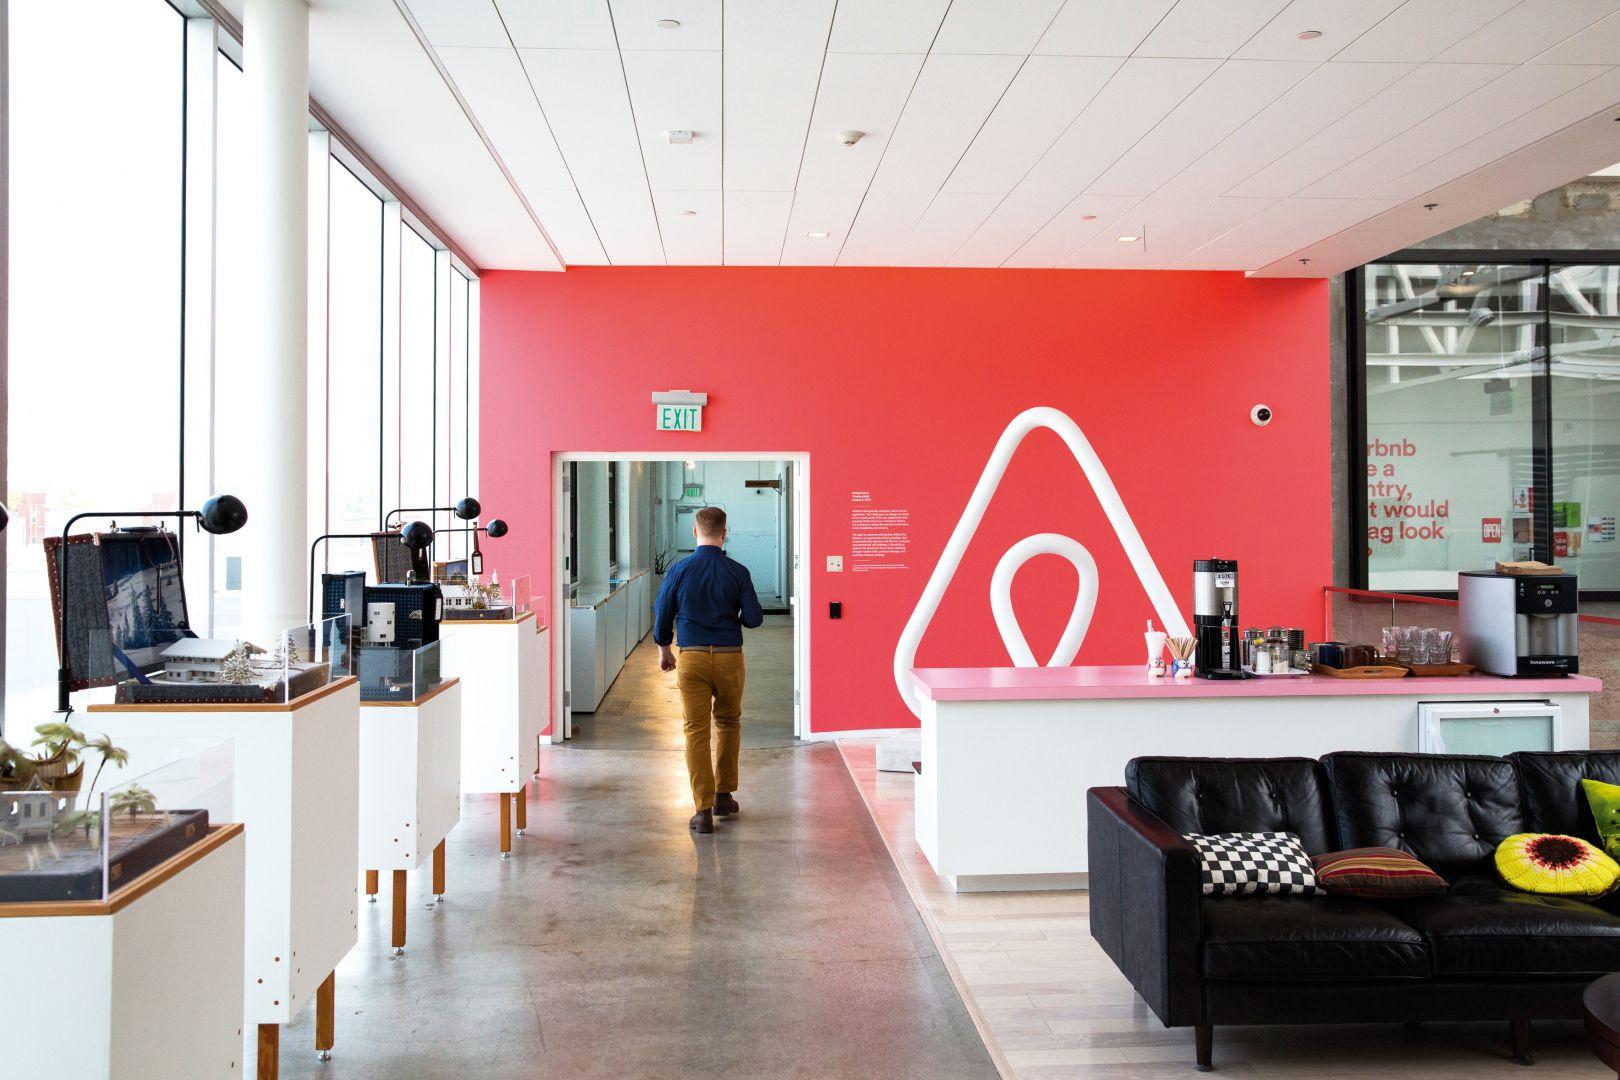 Escritório do Airbnb em São Francisco, Califórnia.